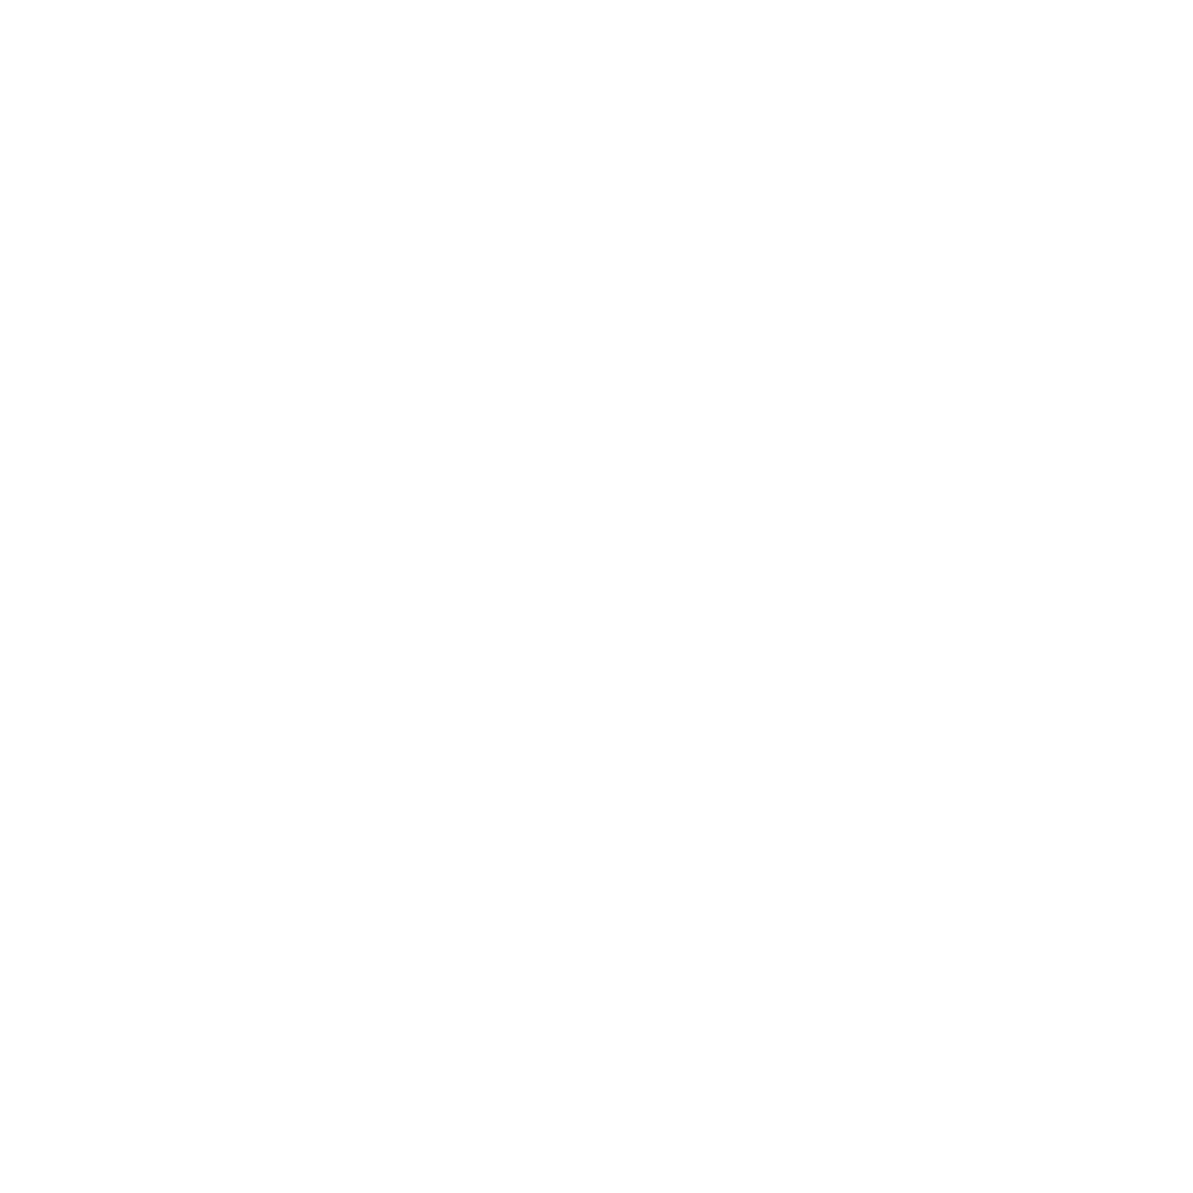 Farmacia_del_Villaggio_Panigale_Logo_or_2_righe